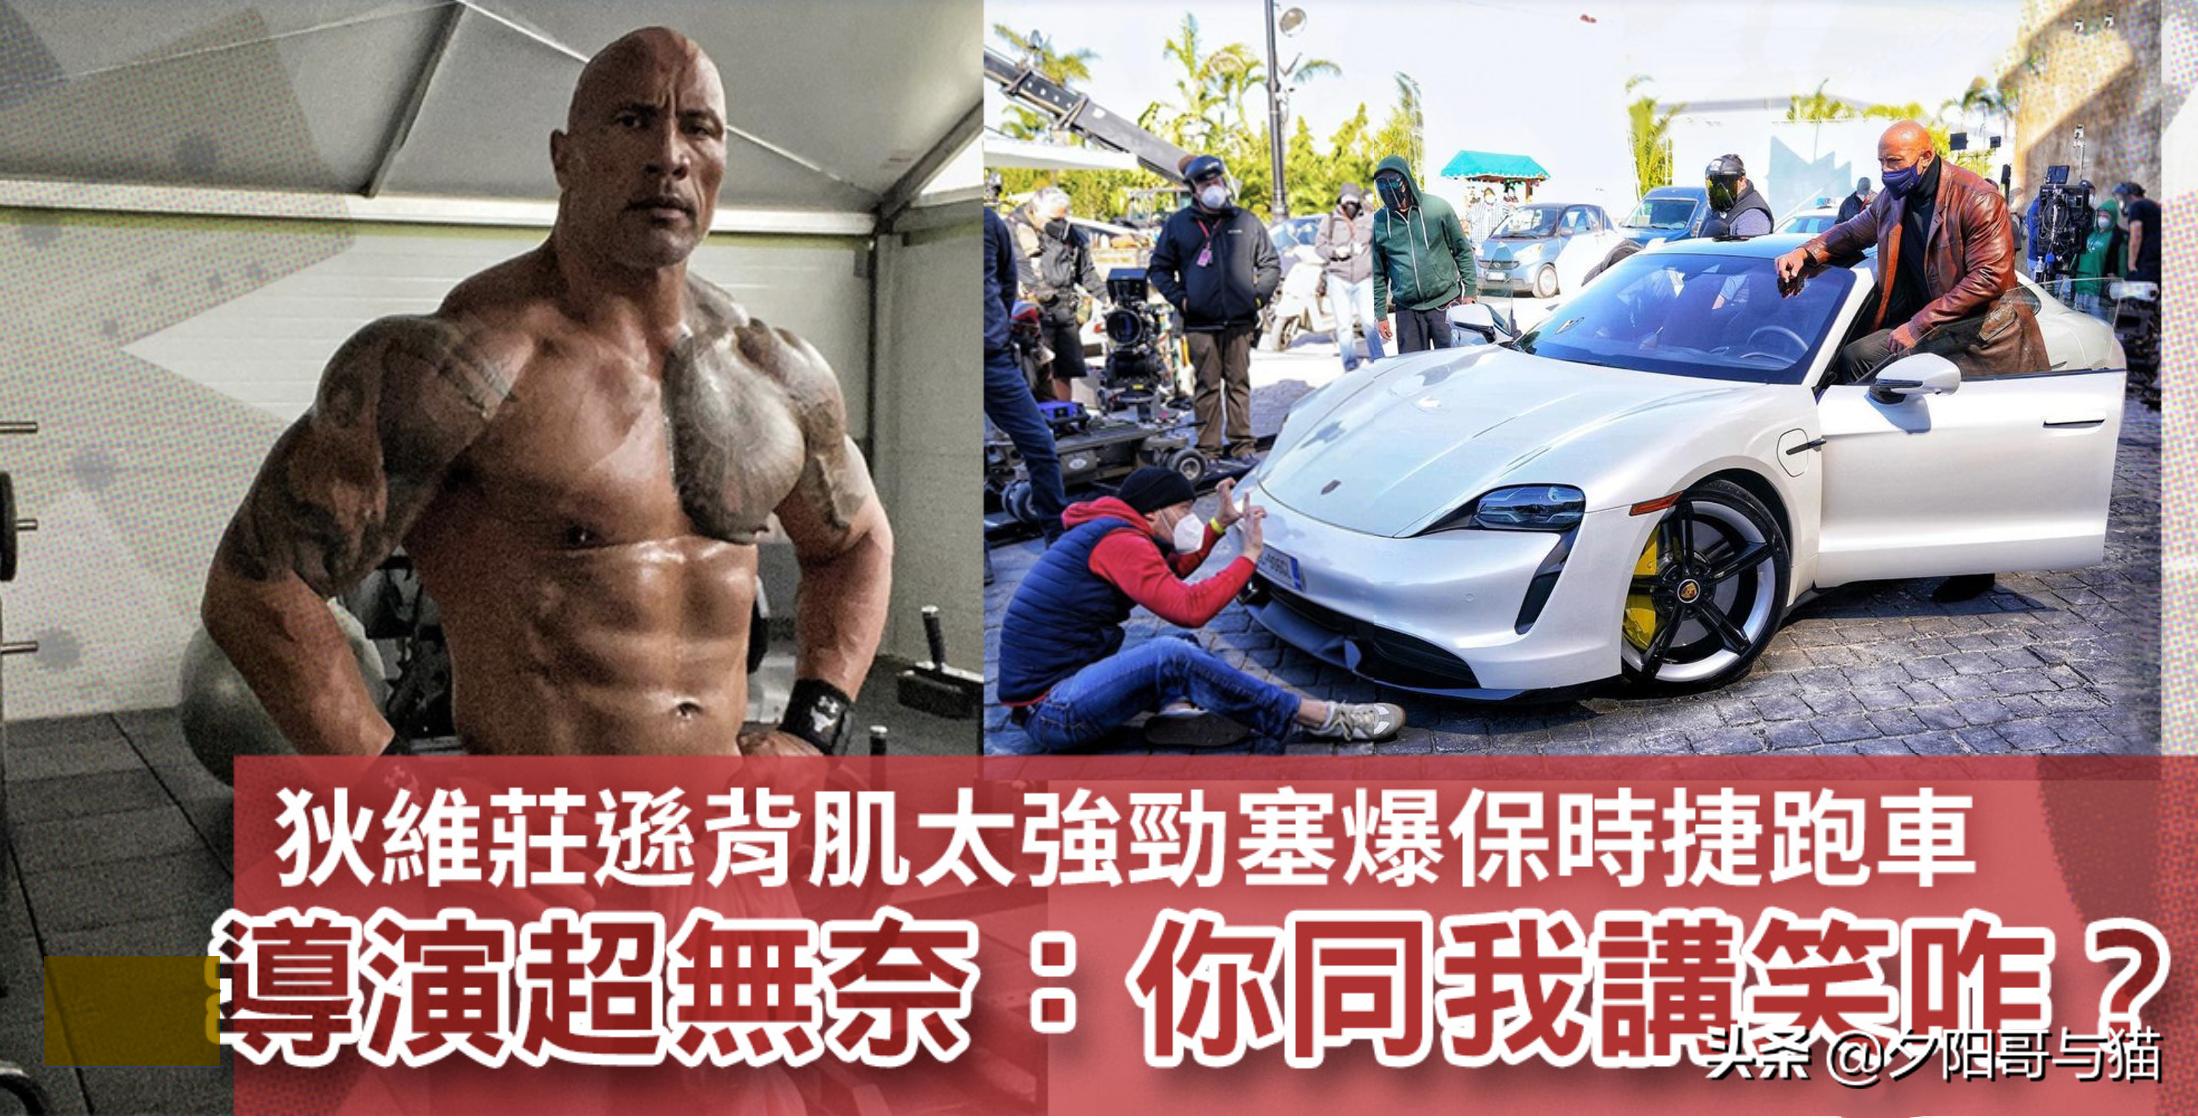 强森背肌太强劲塞爆保时捷跑车 导演超无奈